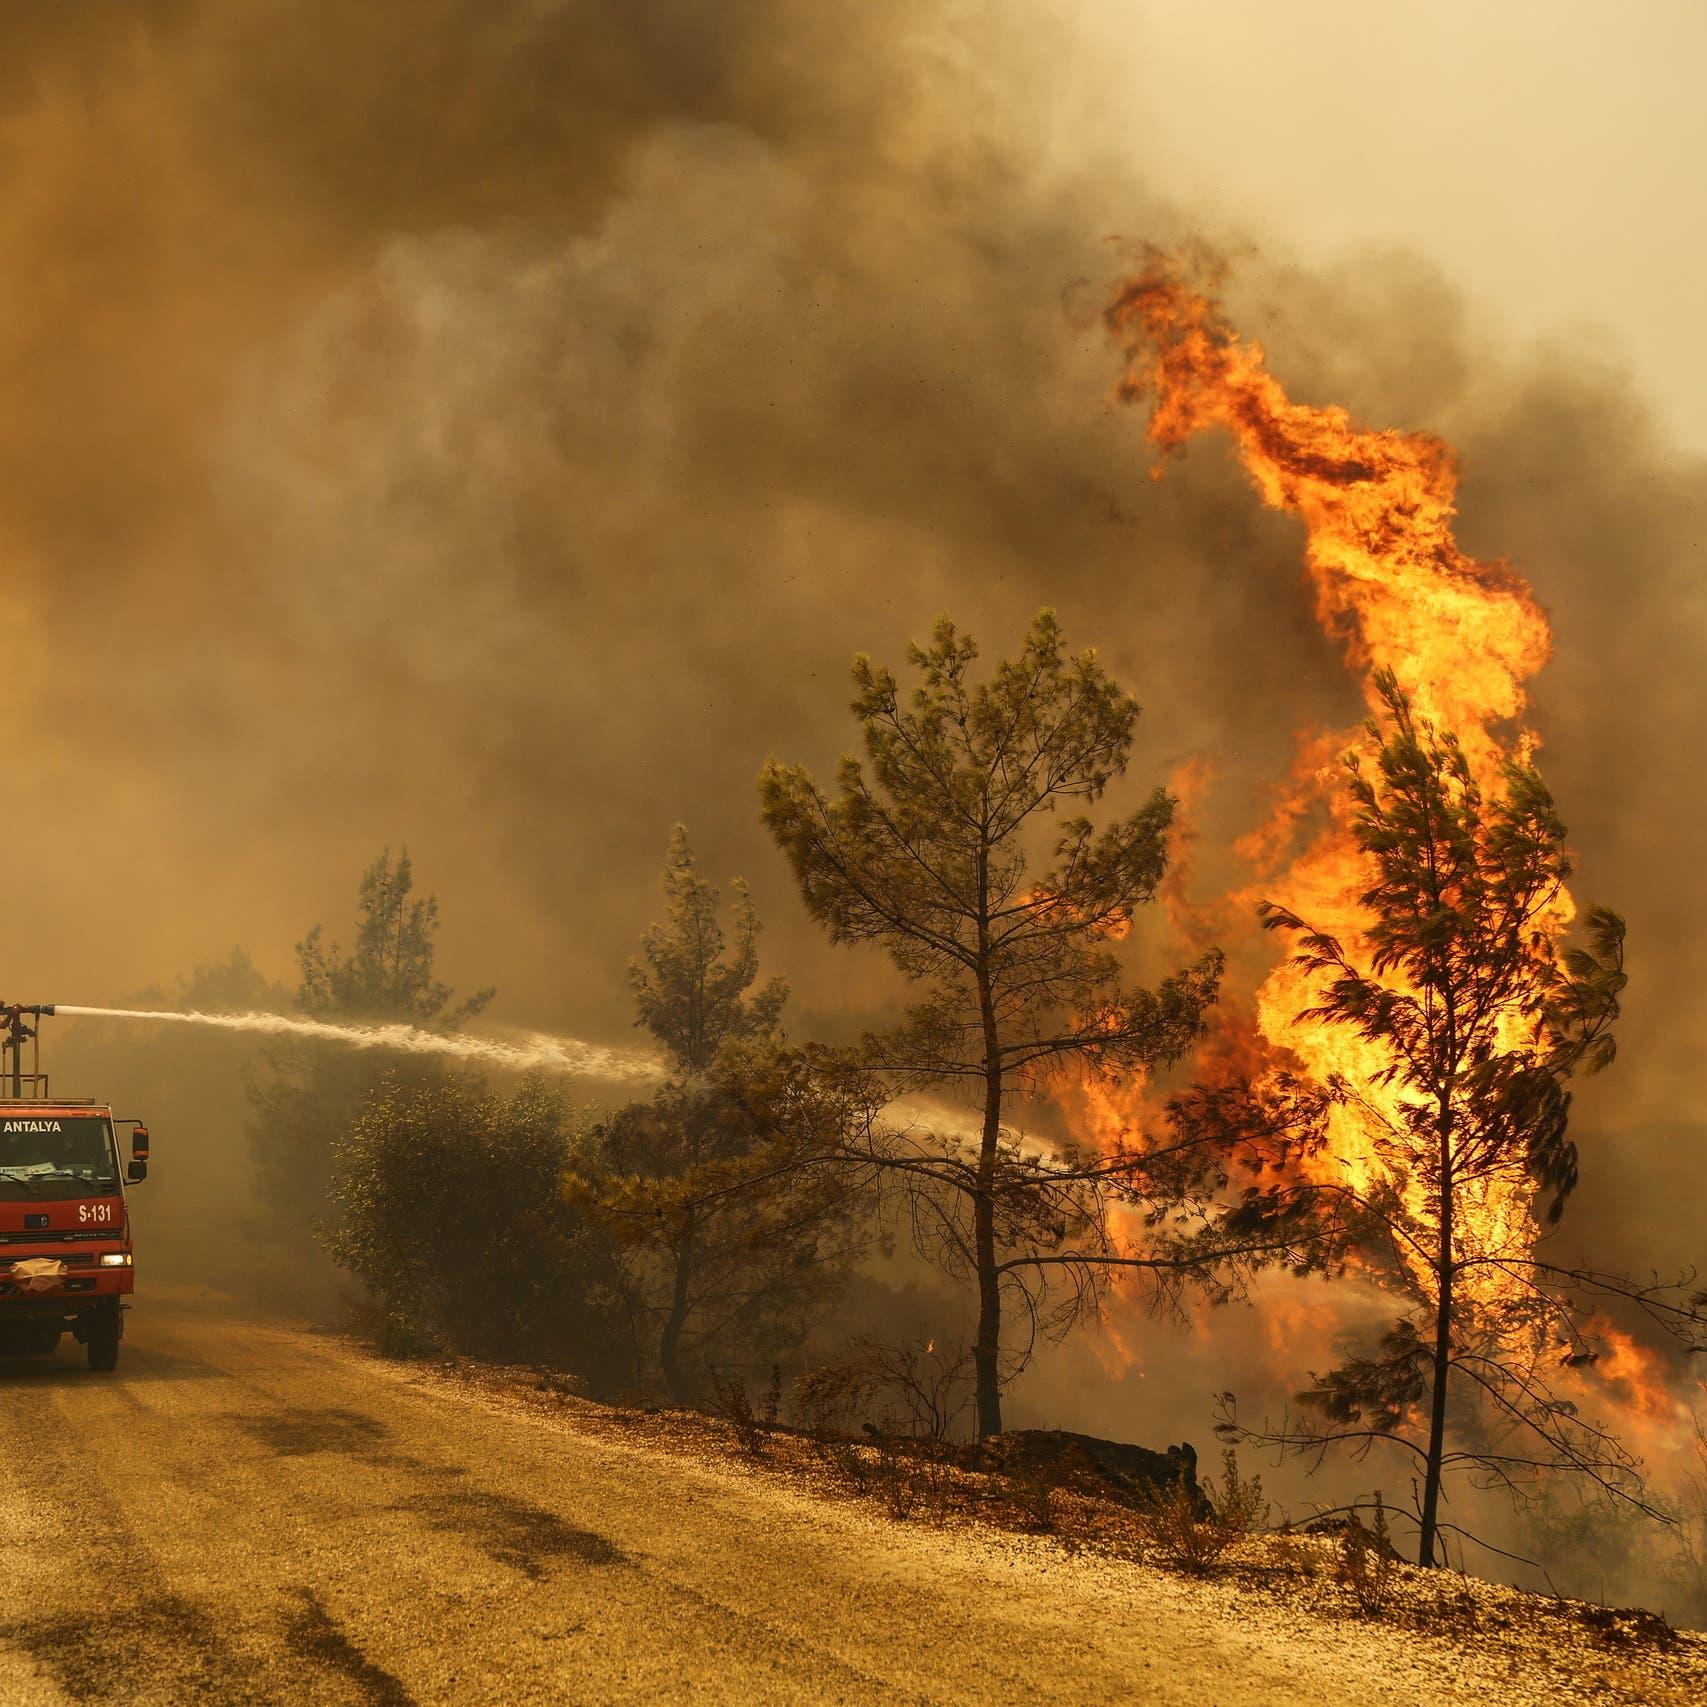 الحرائق المستعرة.. آخر قشة قصمت ظهر السياحة في تركيا